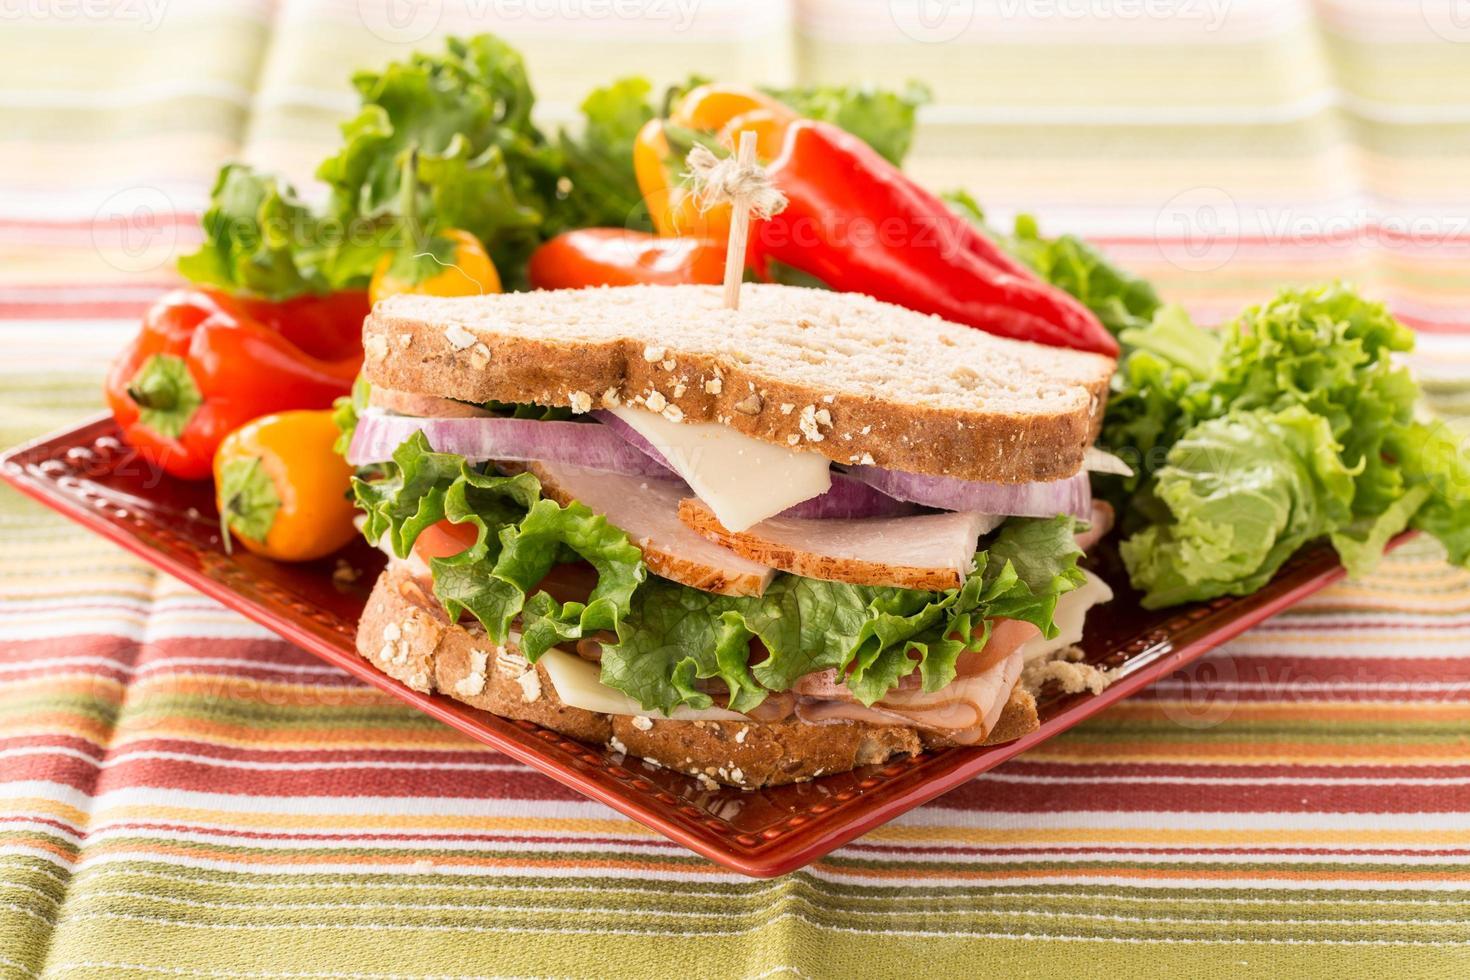 panino colorato pranzo sano con peperoni sul piatto foto